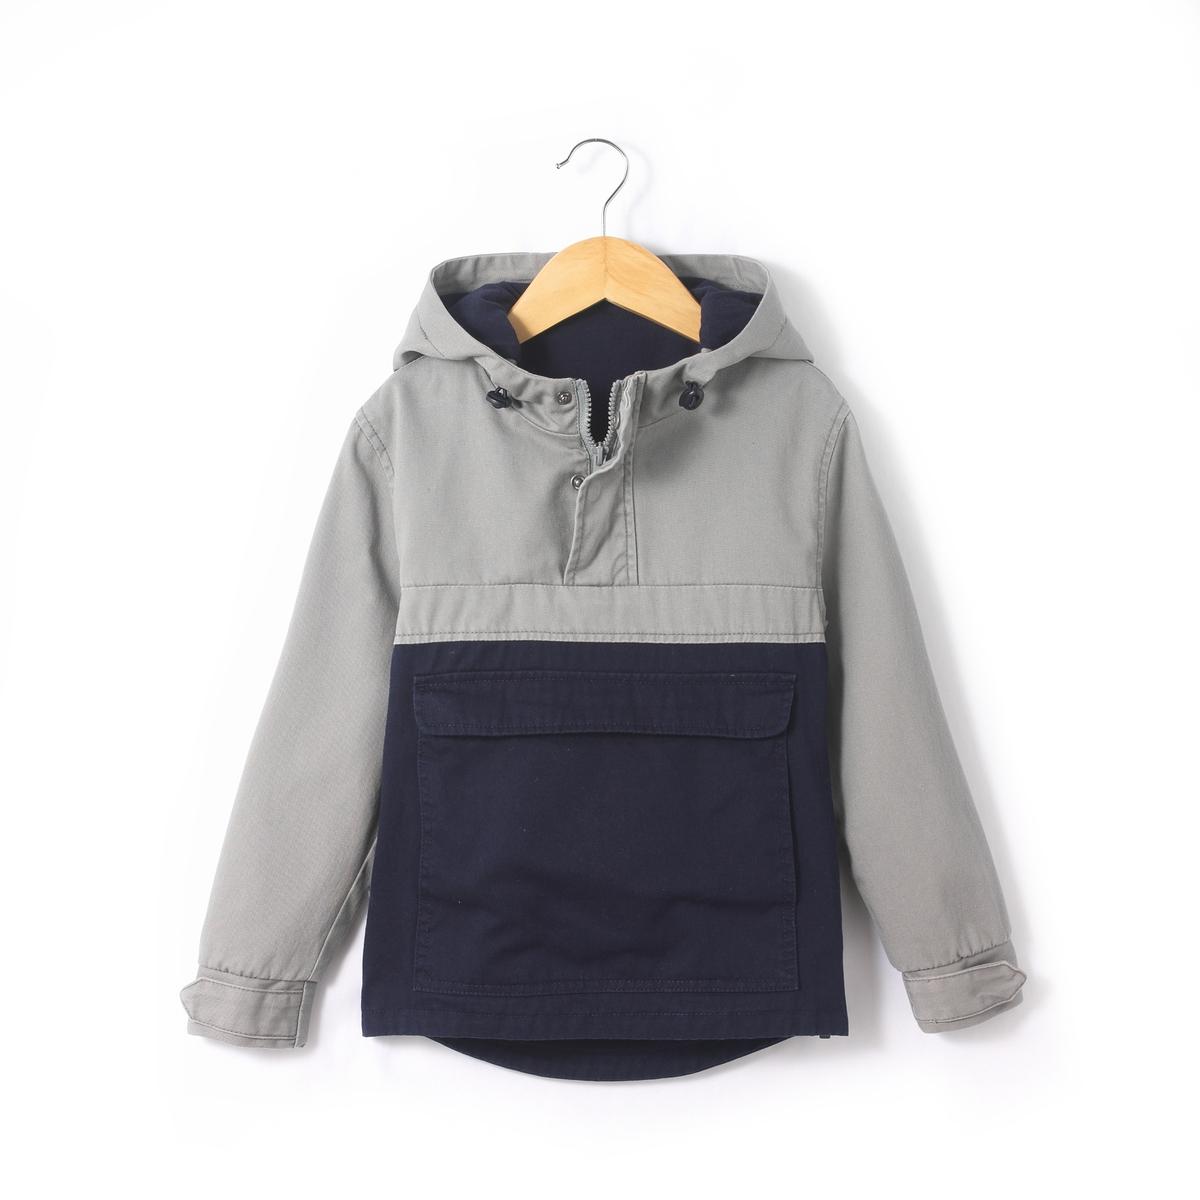 Блузон двухцветный, 3-12 лет блузон с капюшоном с рисунком спереди 3 12 лет